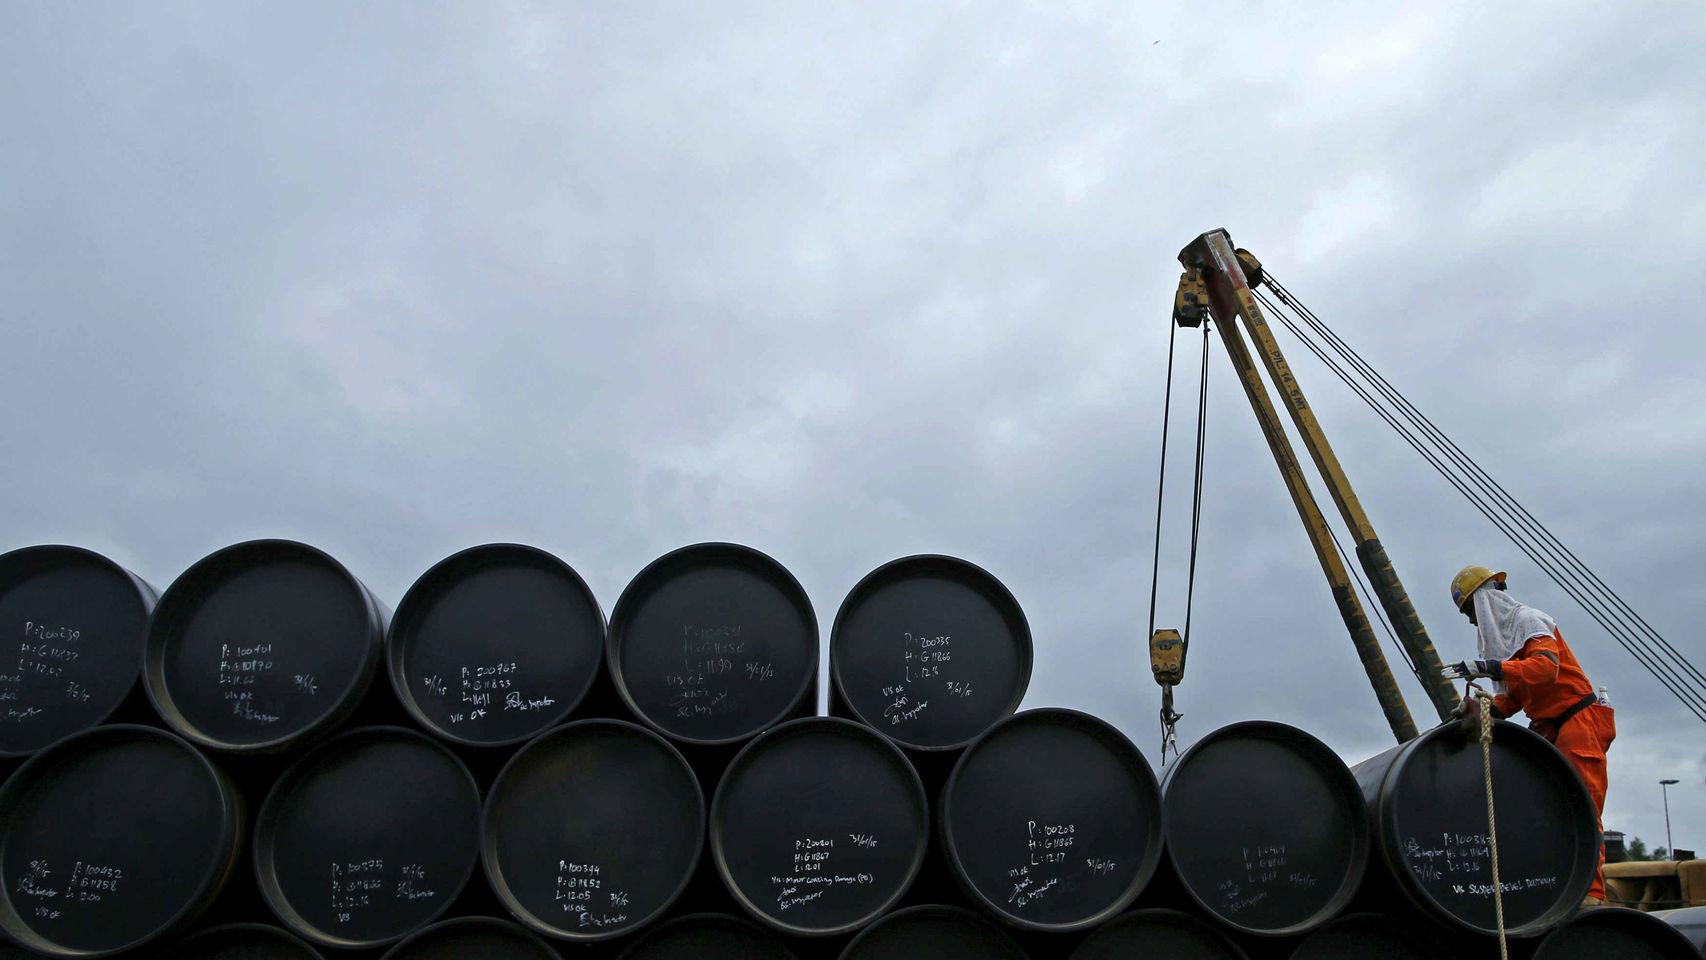 Rusia ve 'acuerdo tipo cártel' en caída de precios del petróleo